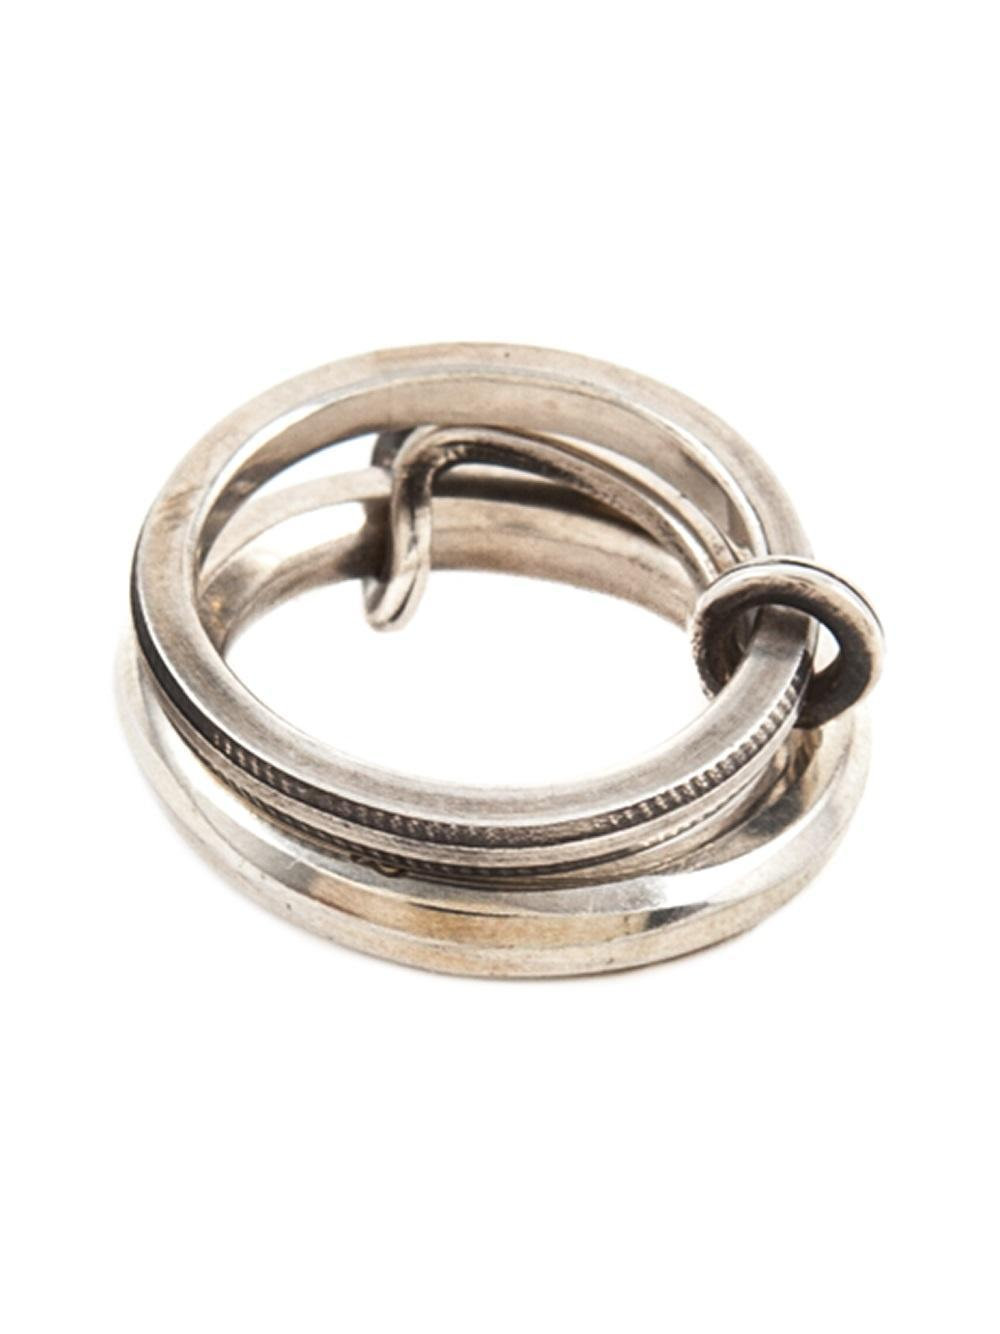 werkstatt m nchen werkstatt m nchen connected ring in metallic for men lyst. Black Bedroom Furniture Sets. Home Design Ideas